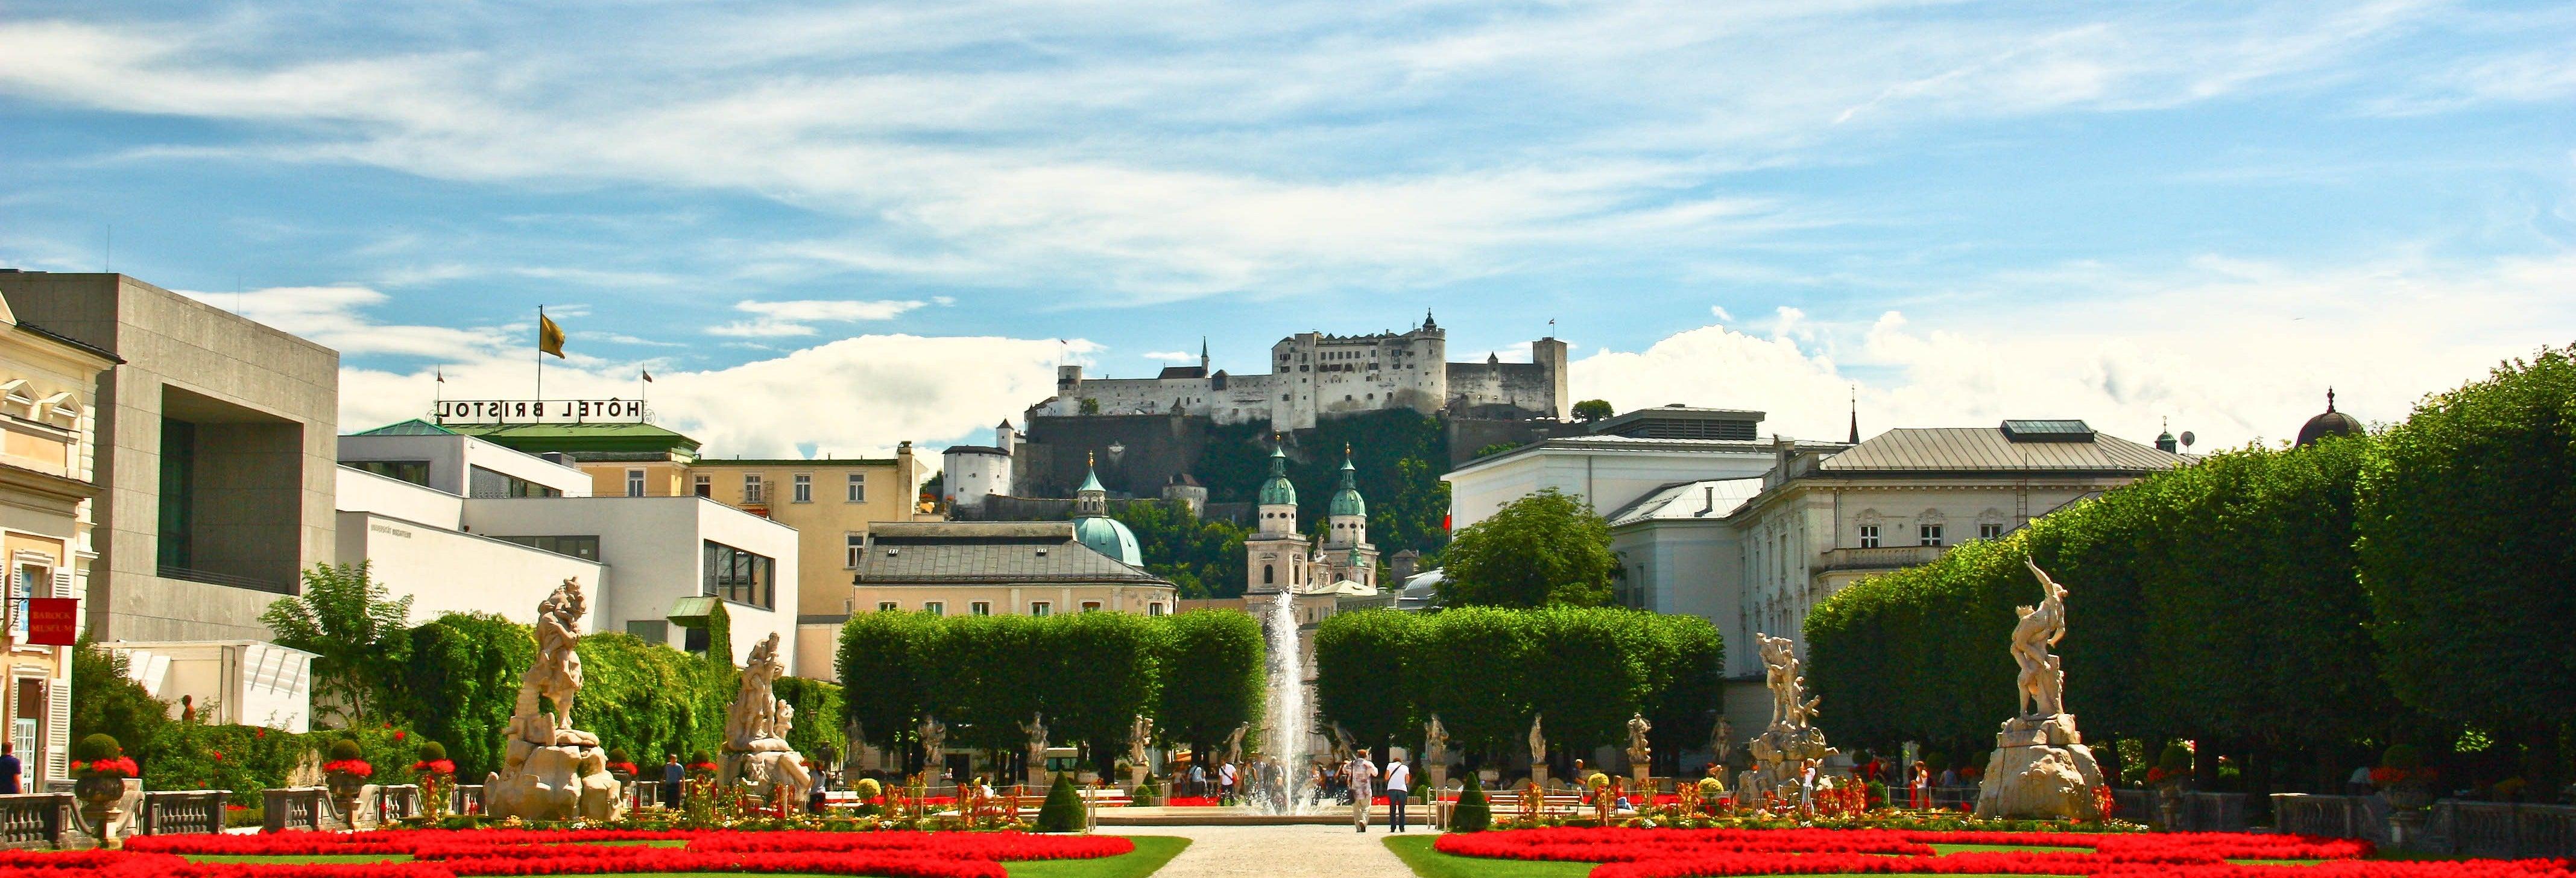 Visite autour de Mozart à Salzbourg